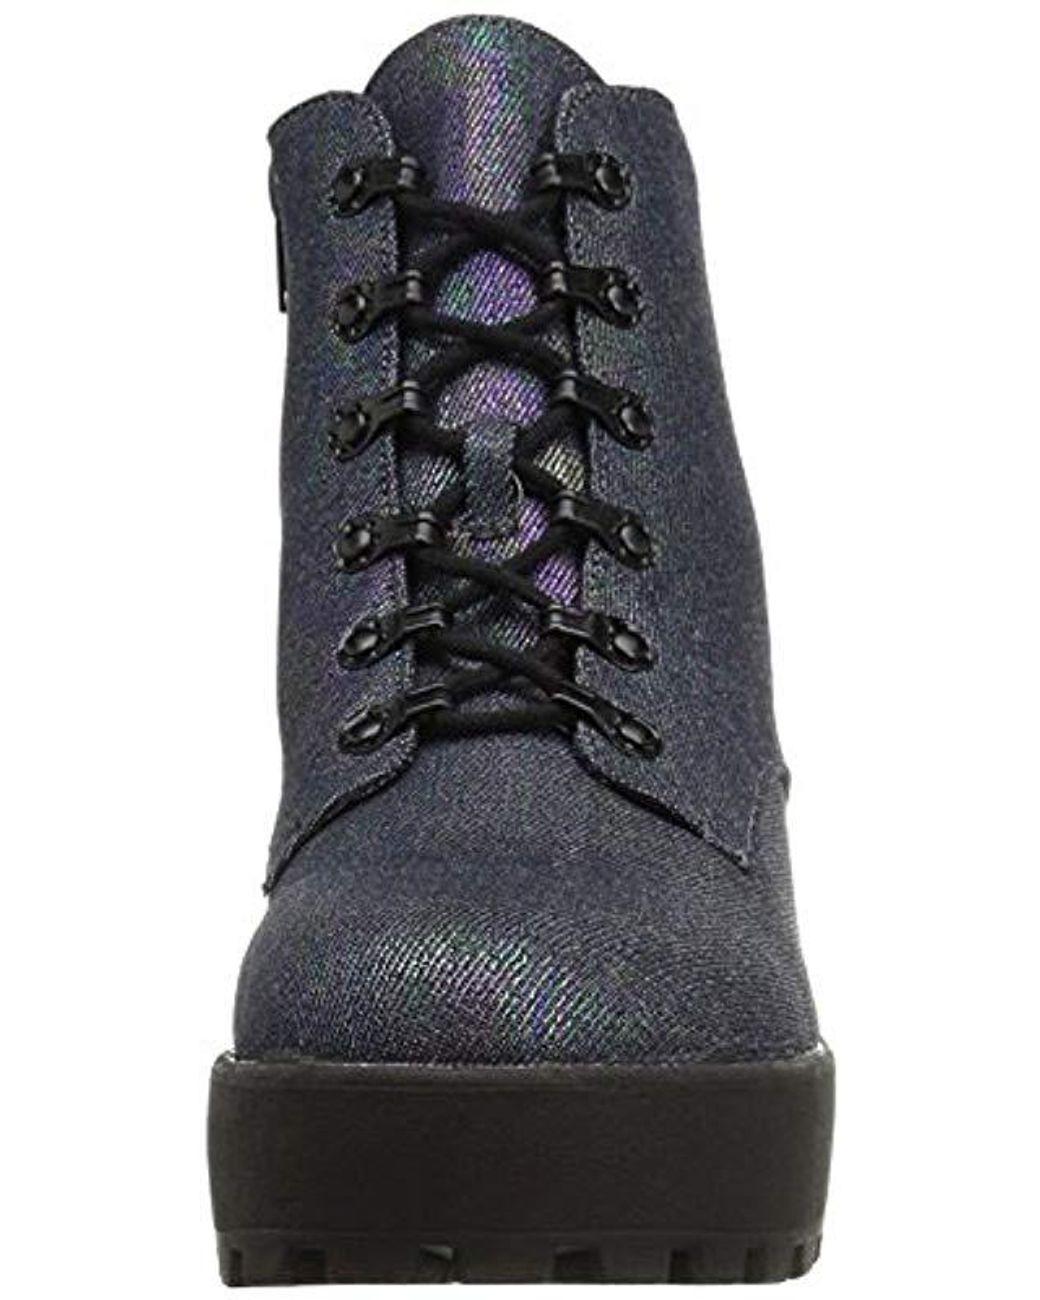 bbc0a52e5ebdf Women's Black Clyden Gogo Cotton Ankle Bootie